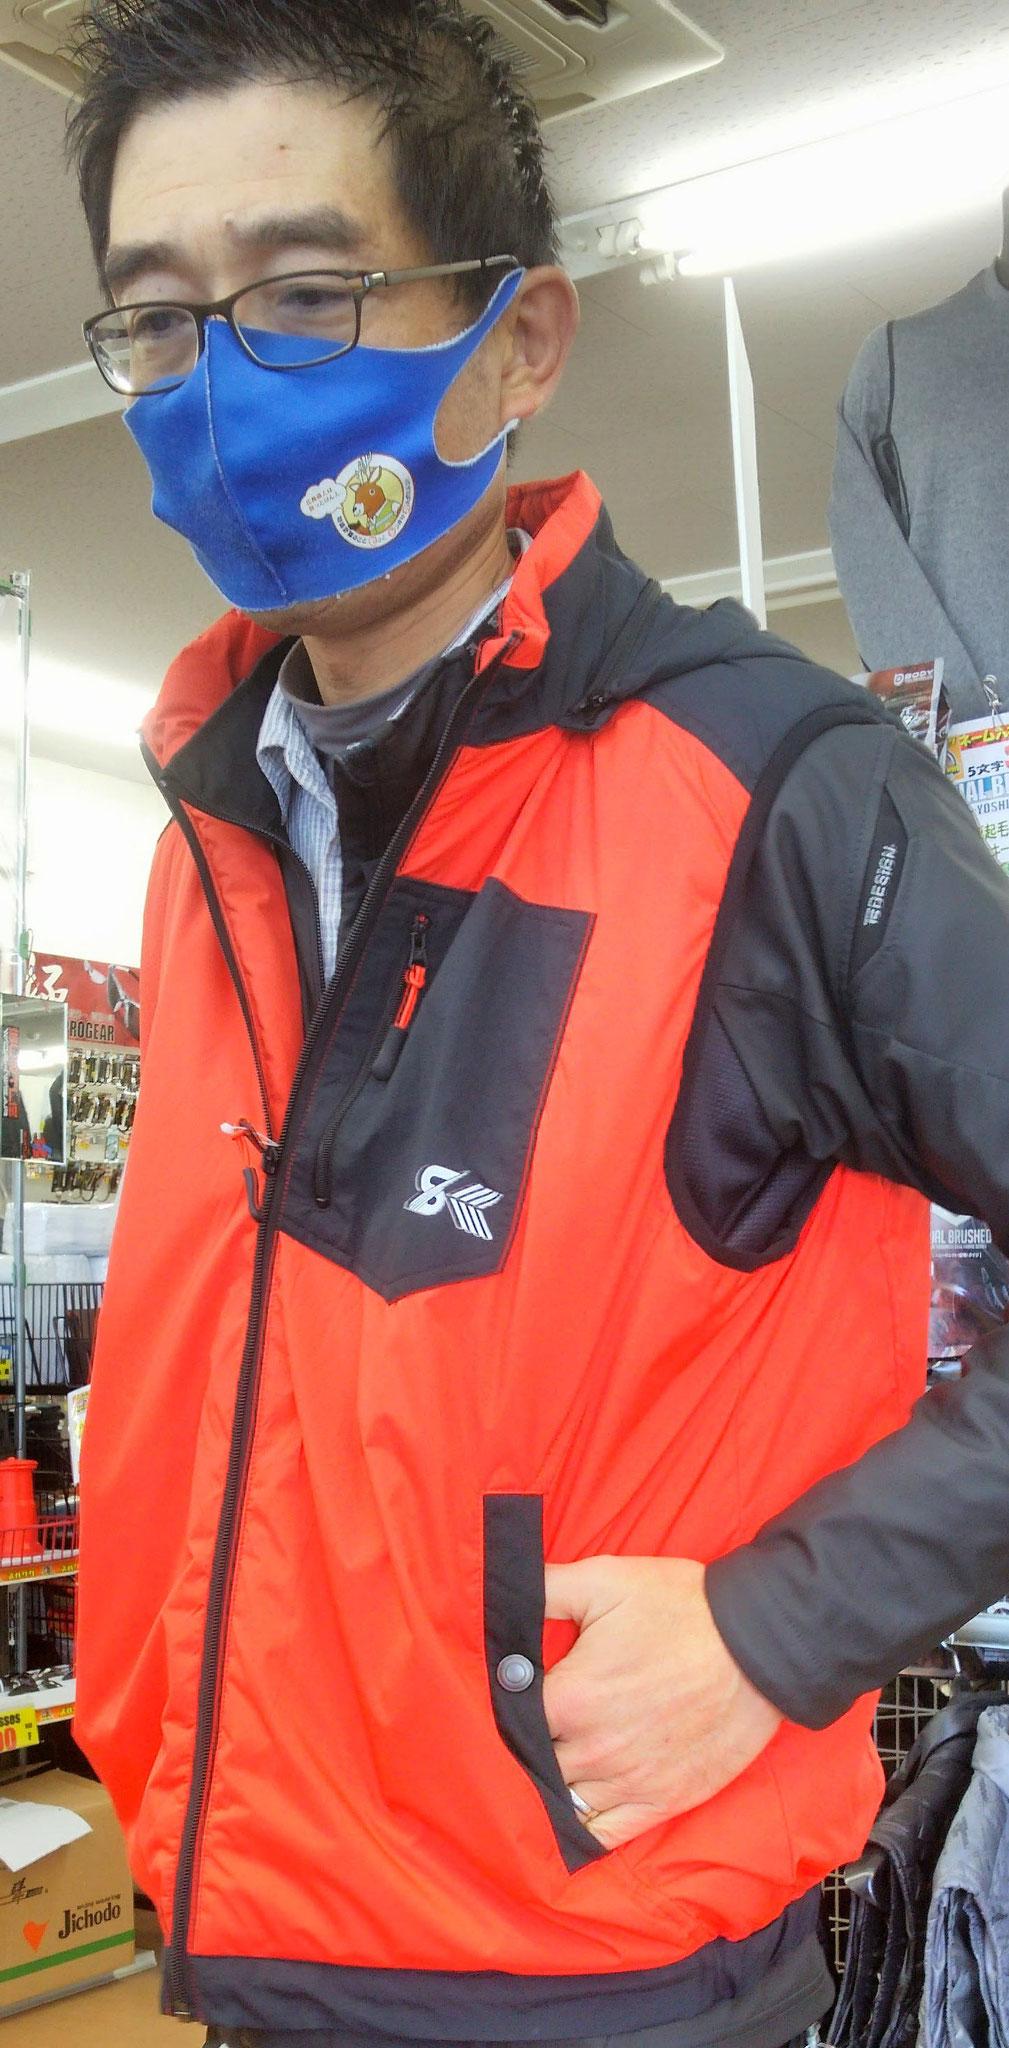 S-HEAT~エス・ヒート~03061 ヒートベスト<暖房ベスト>仕事・レジャーにも着れるデザイン性